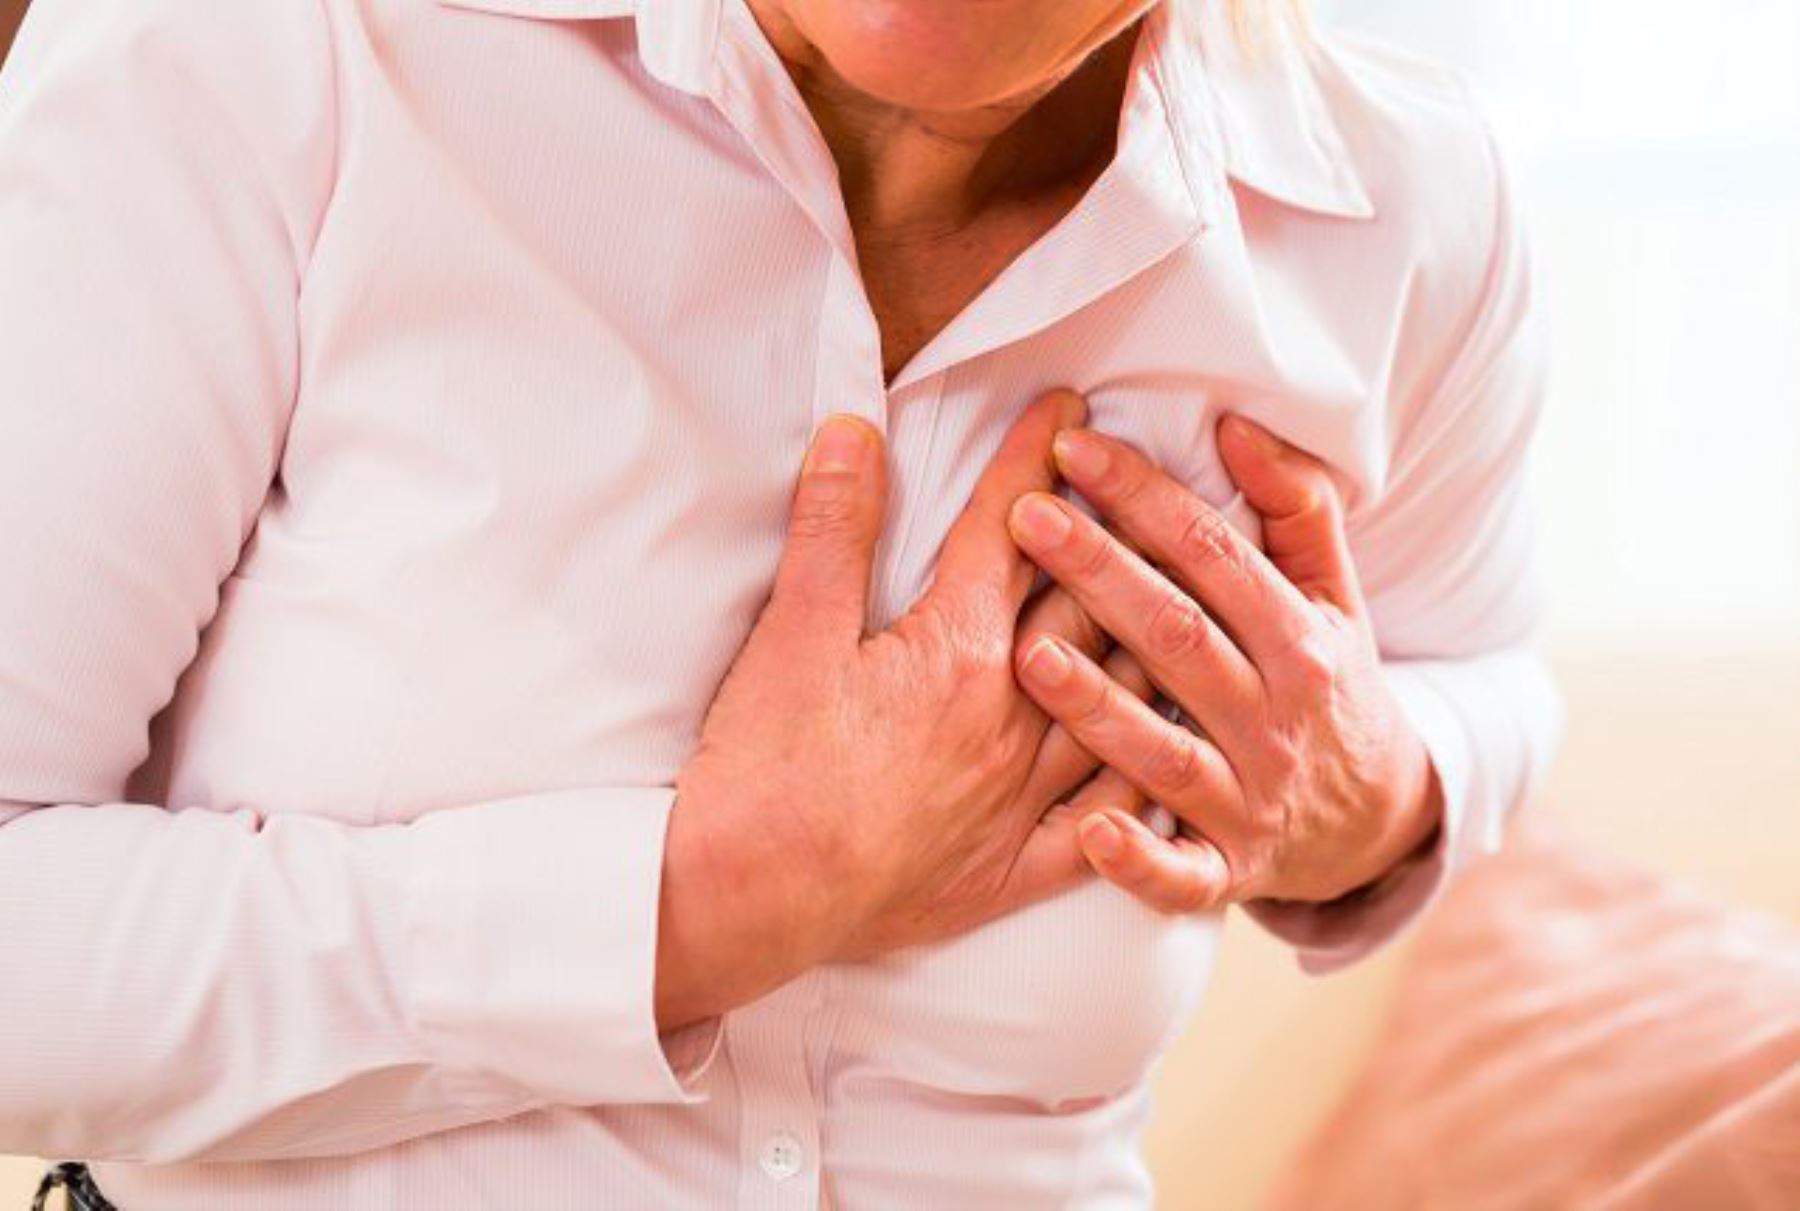 El peligro de estas enfermedades aumenta si la mujer tiene más de treinta y cinco años.